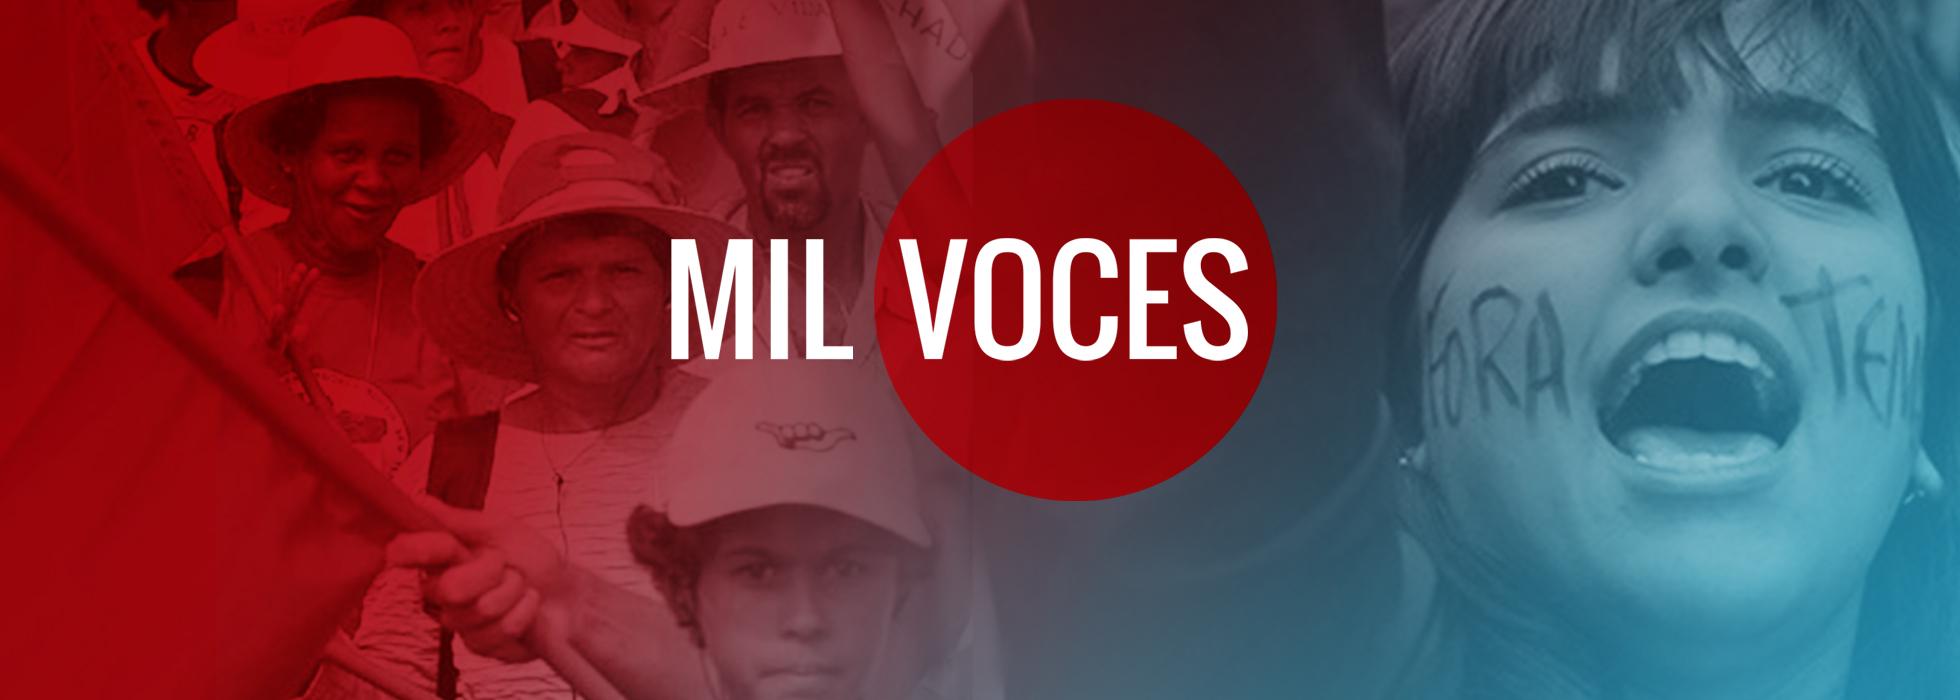 Mil Voces 362